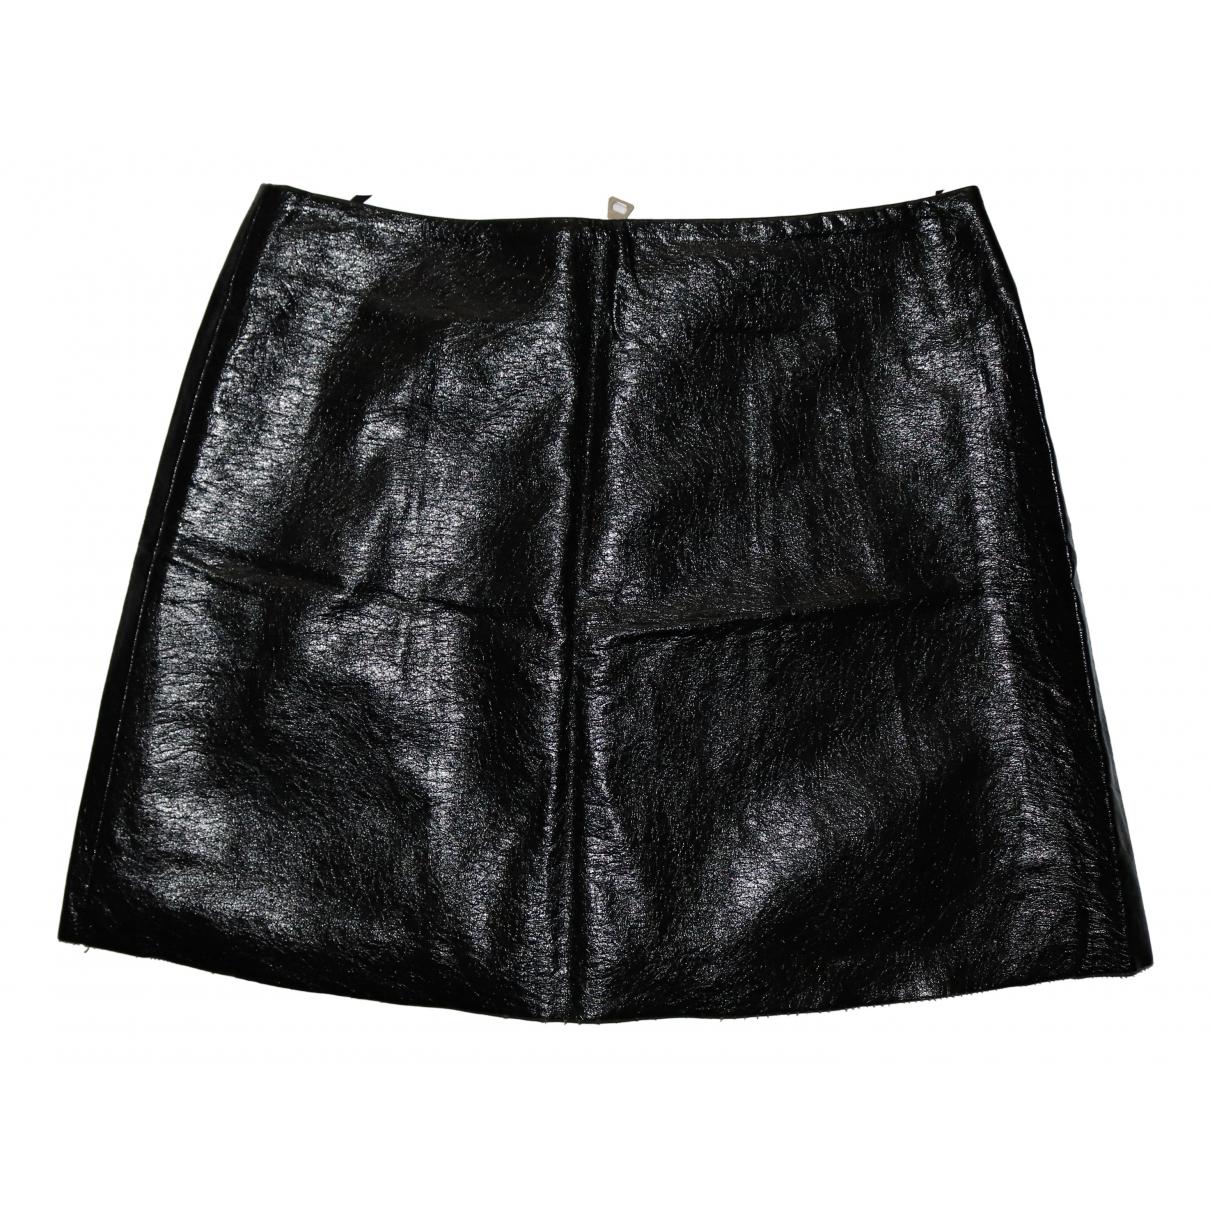 & Stories \N Black skirt for Women L International